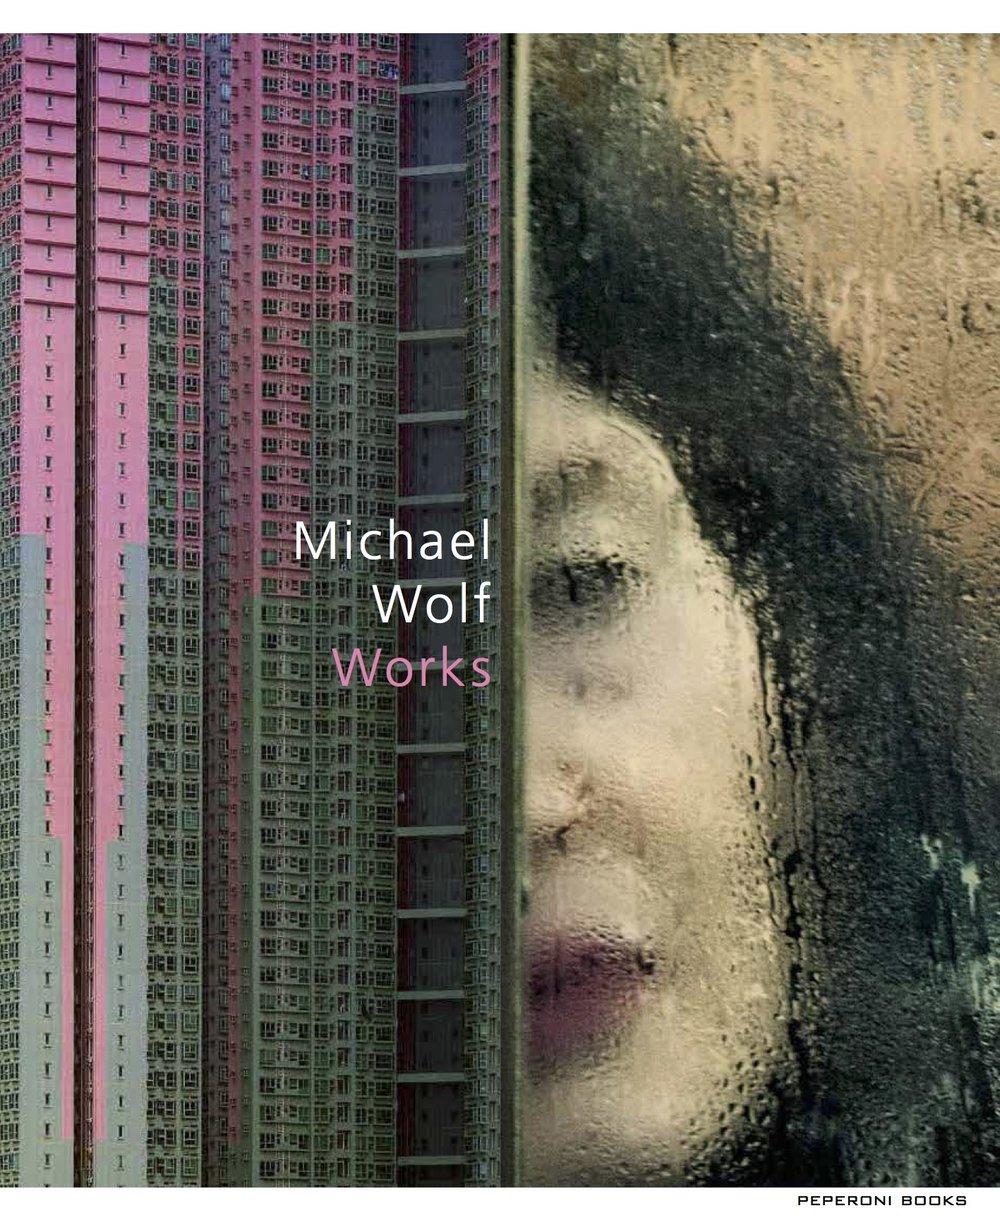 michael_wolf_works_v34.jpg